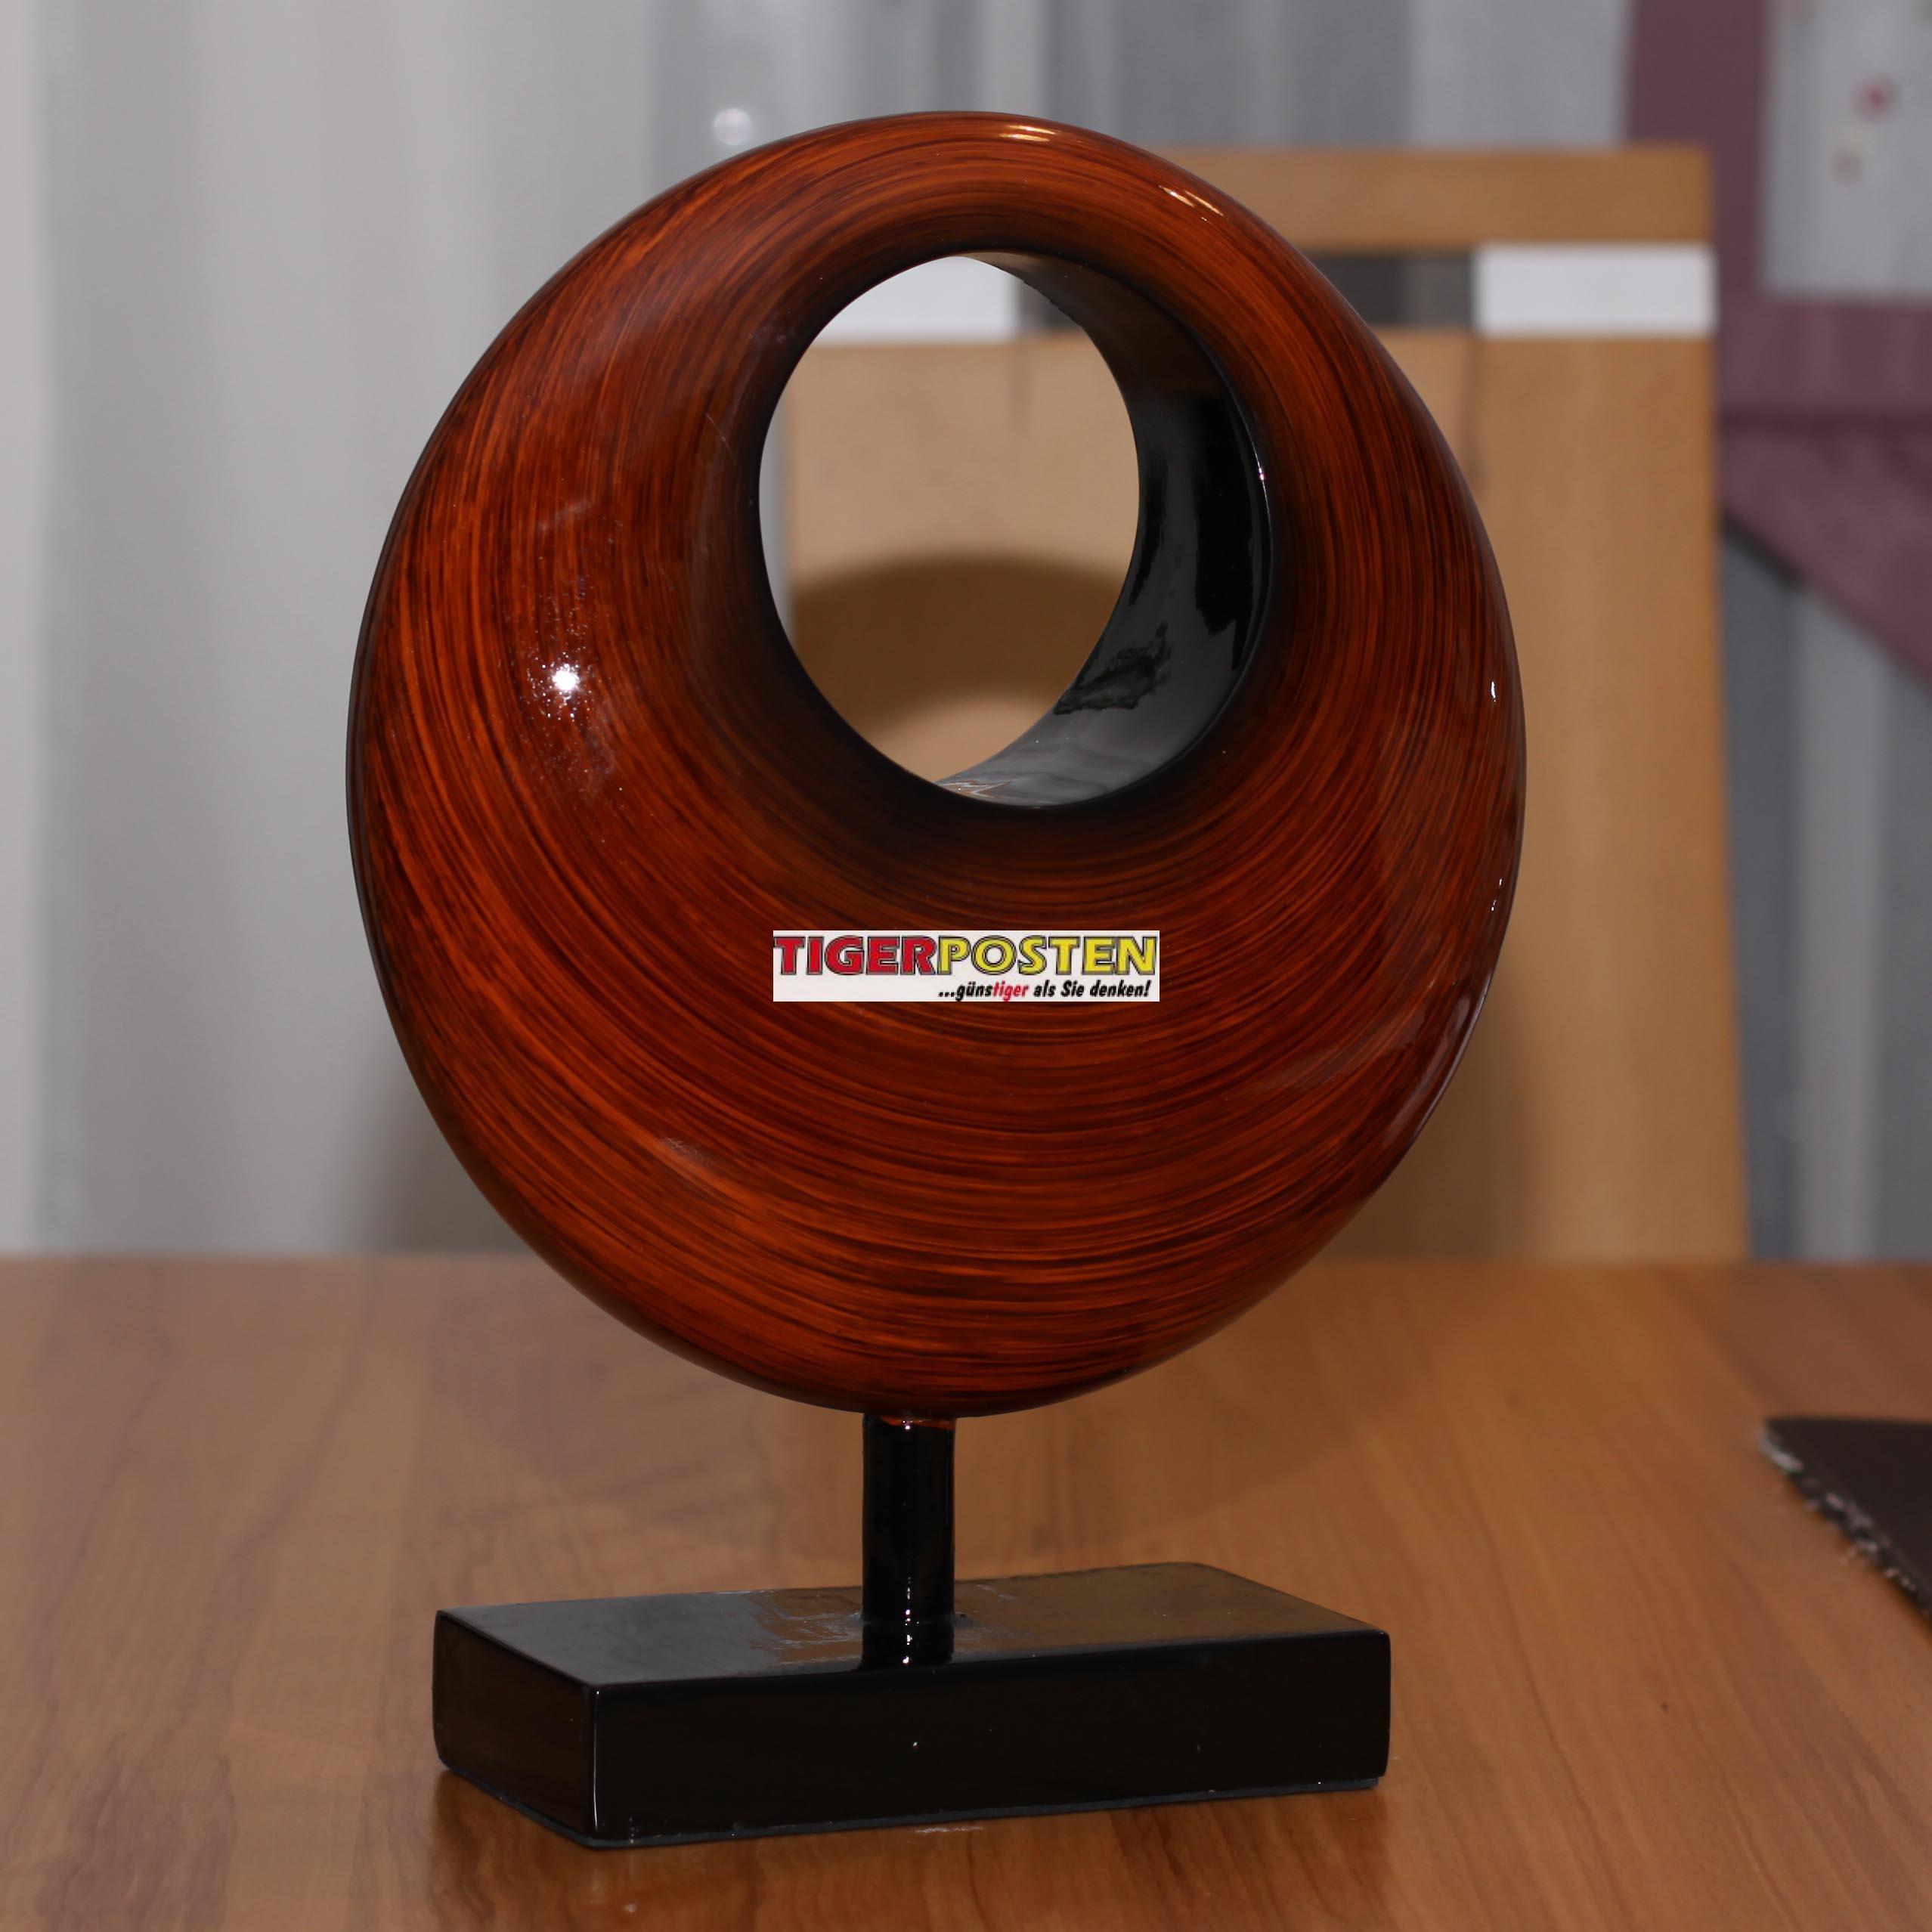 dekofigur figur massiv 2kg modern 31cm für wohnzimmer skulptur ... - Wohnzimmer Deko Figuren